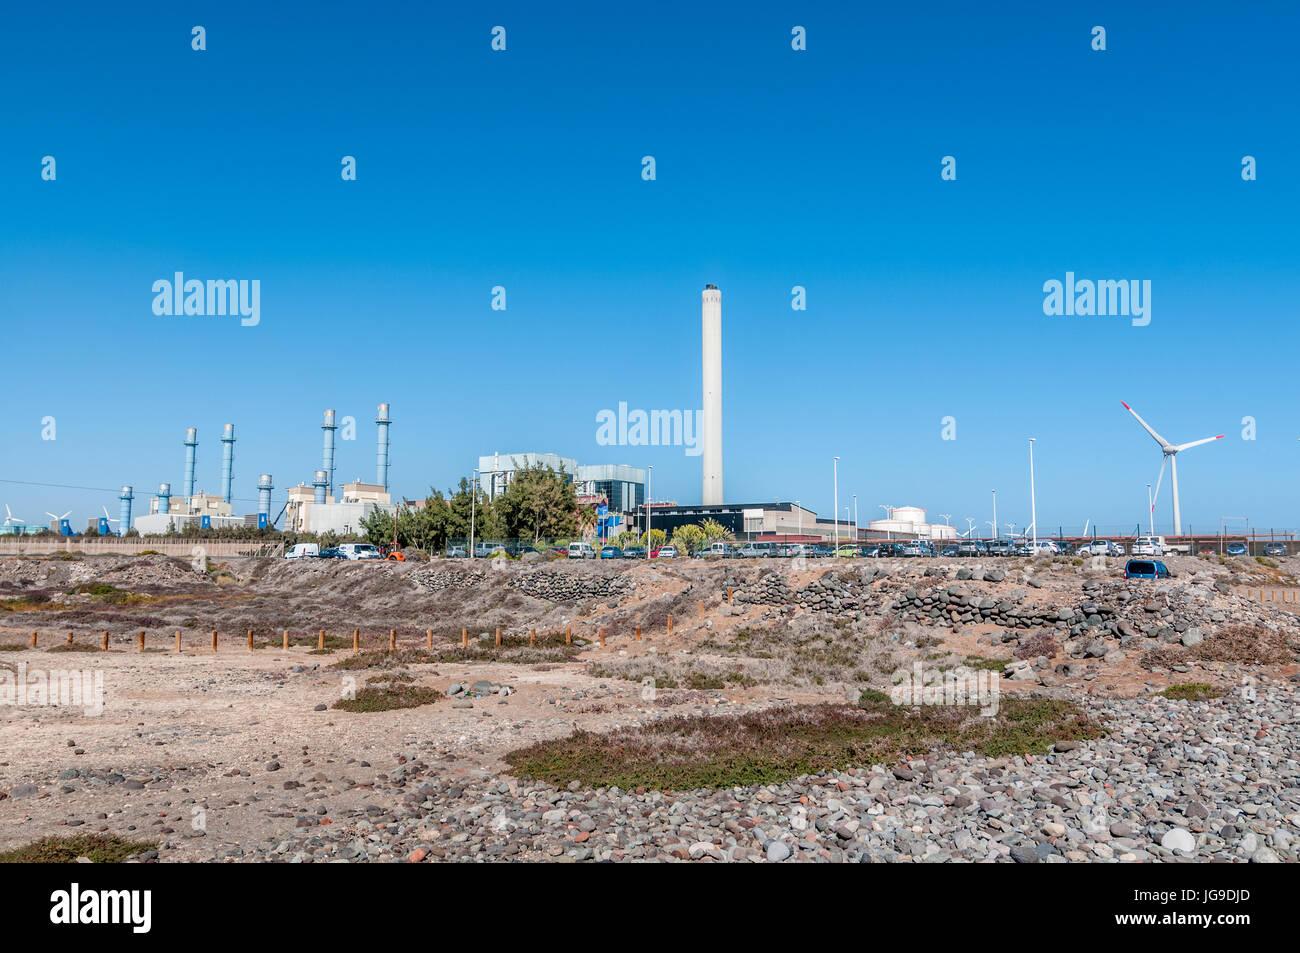 Vista exterior de la planta de energía térmica Barranco de Tirajana en Gran Canaria, Islas Canarias, España Imagen De Stock